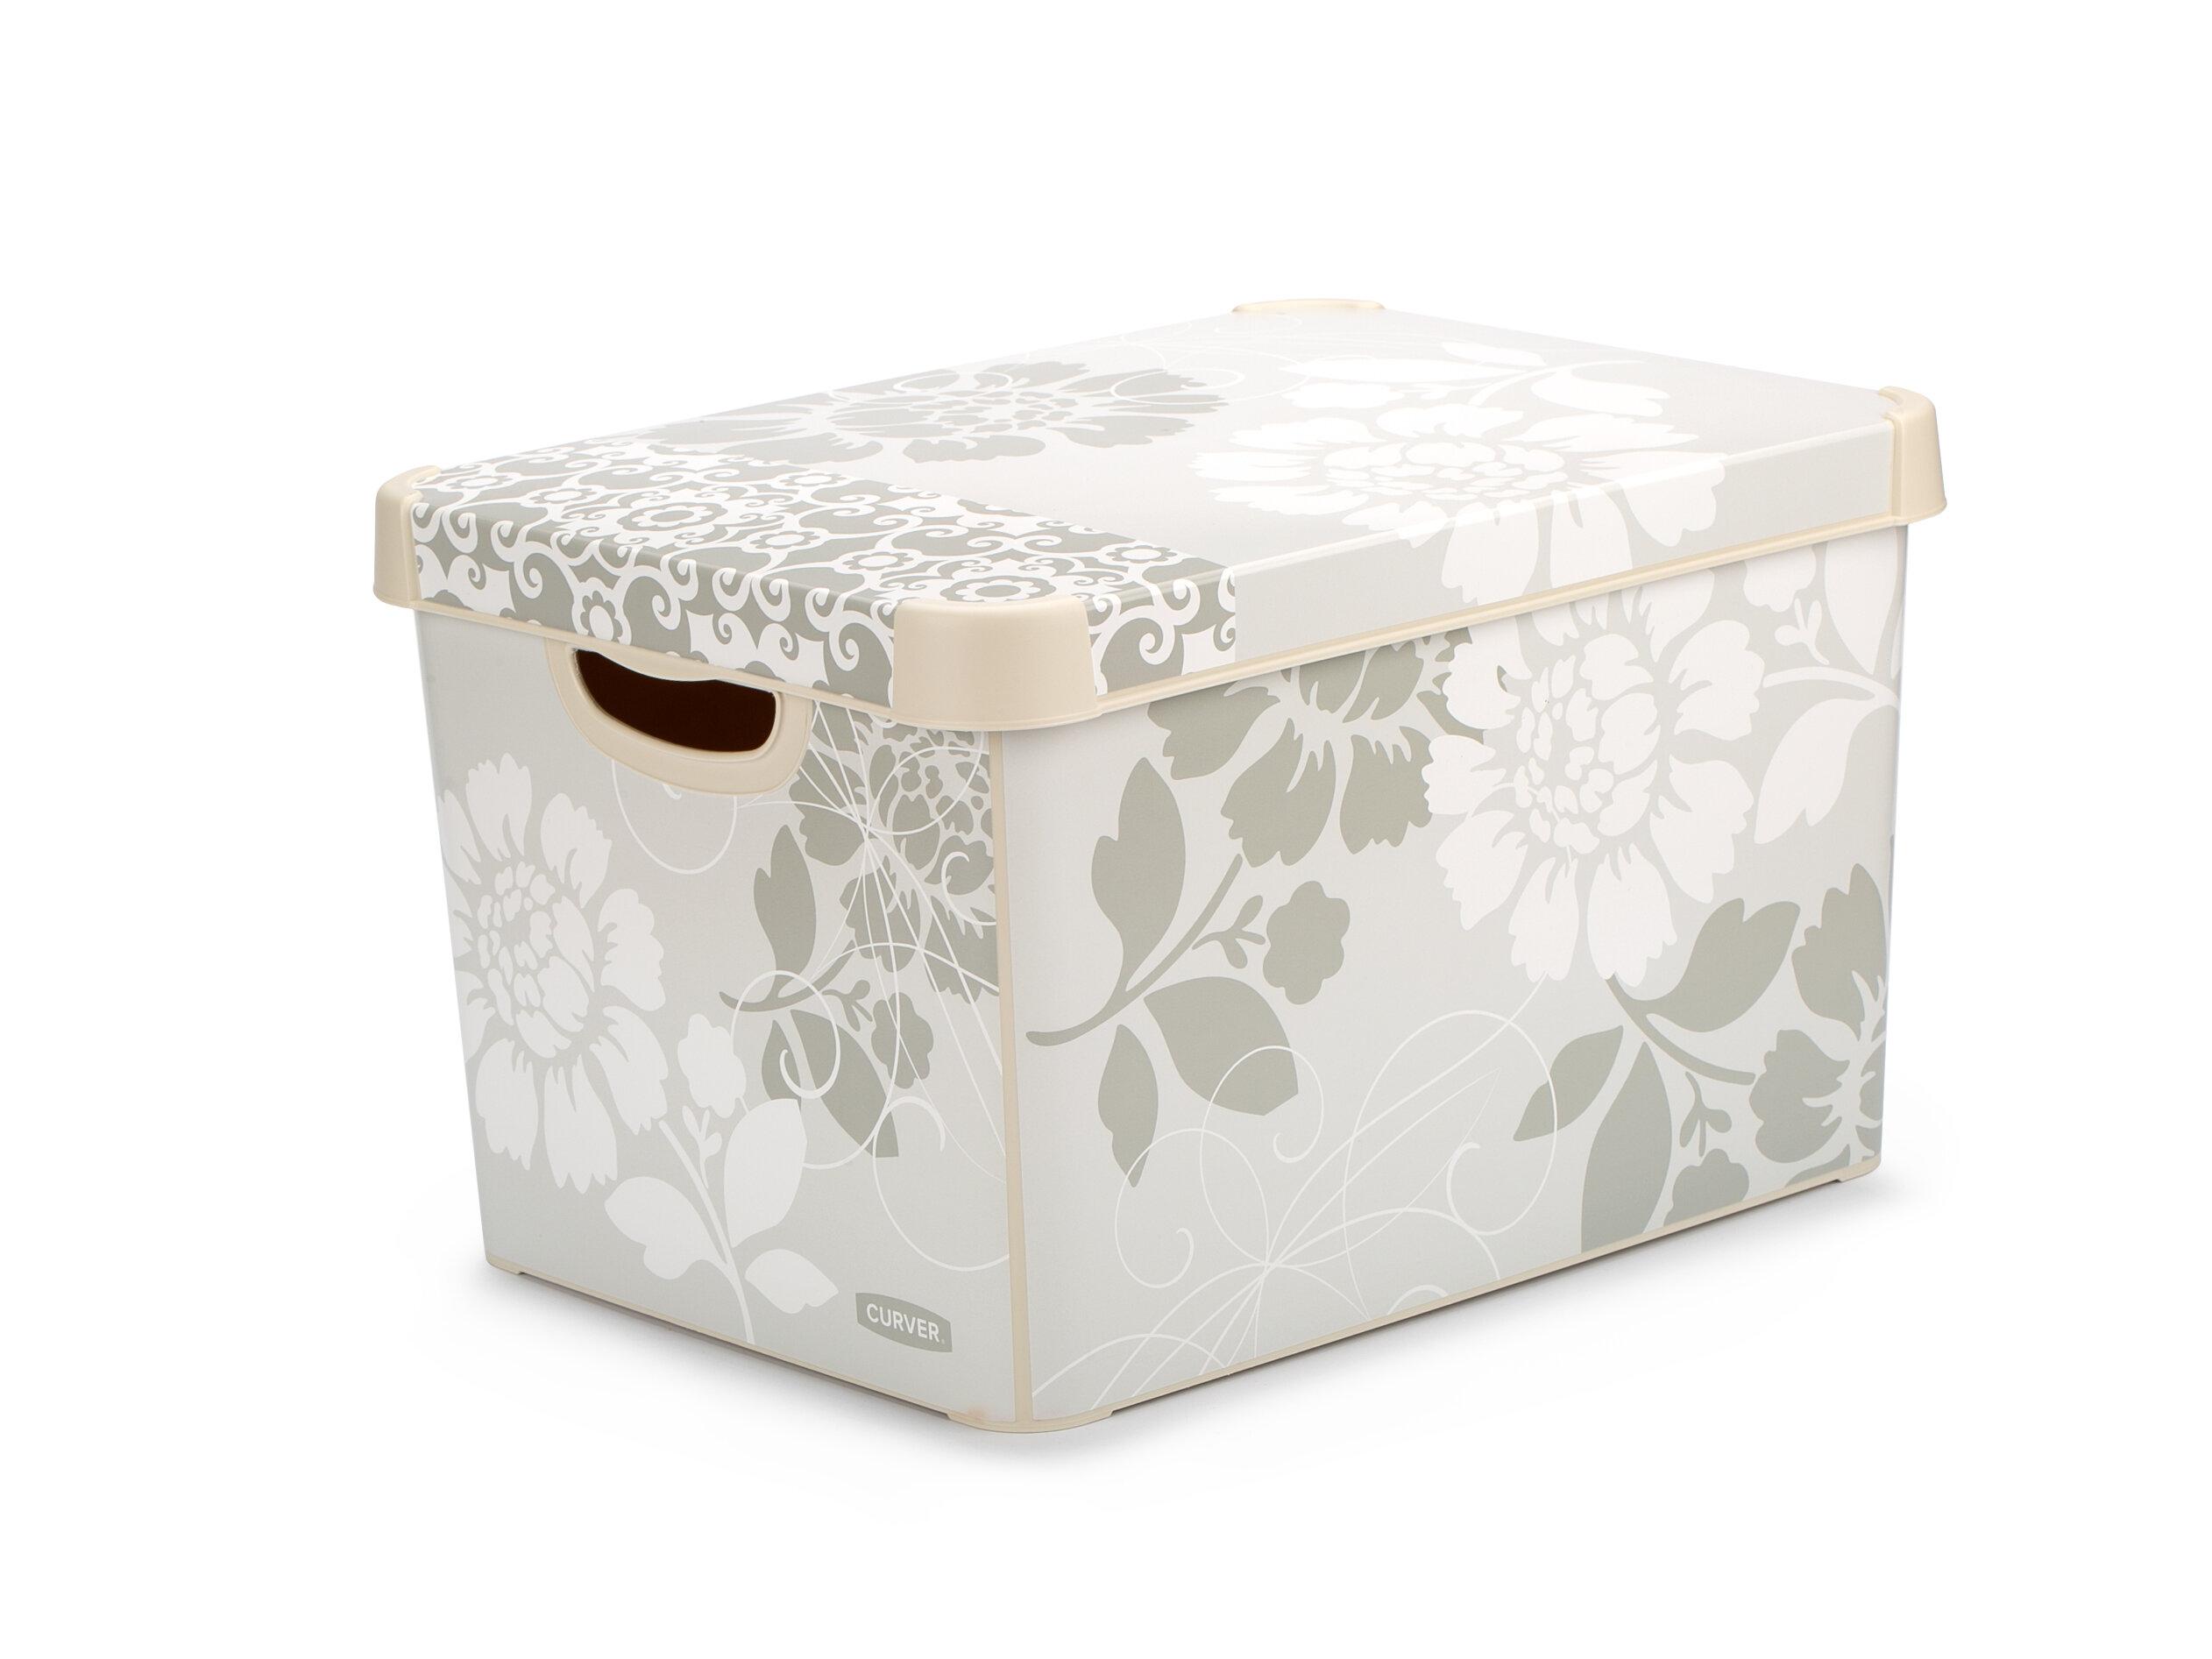 Ящик для хранения Curver Stockholm romance 22 л